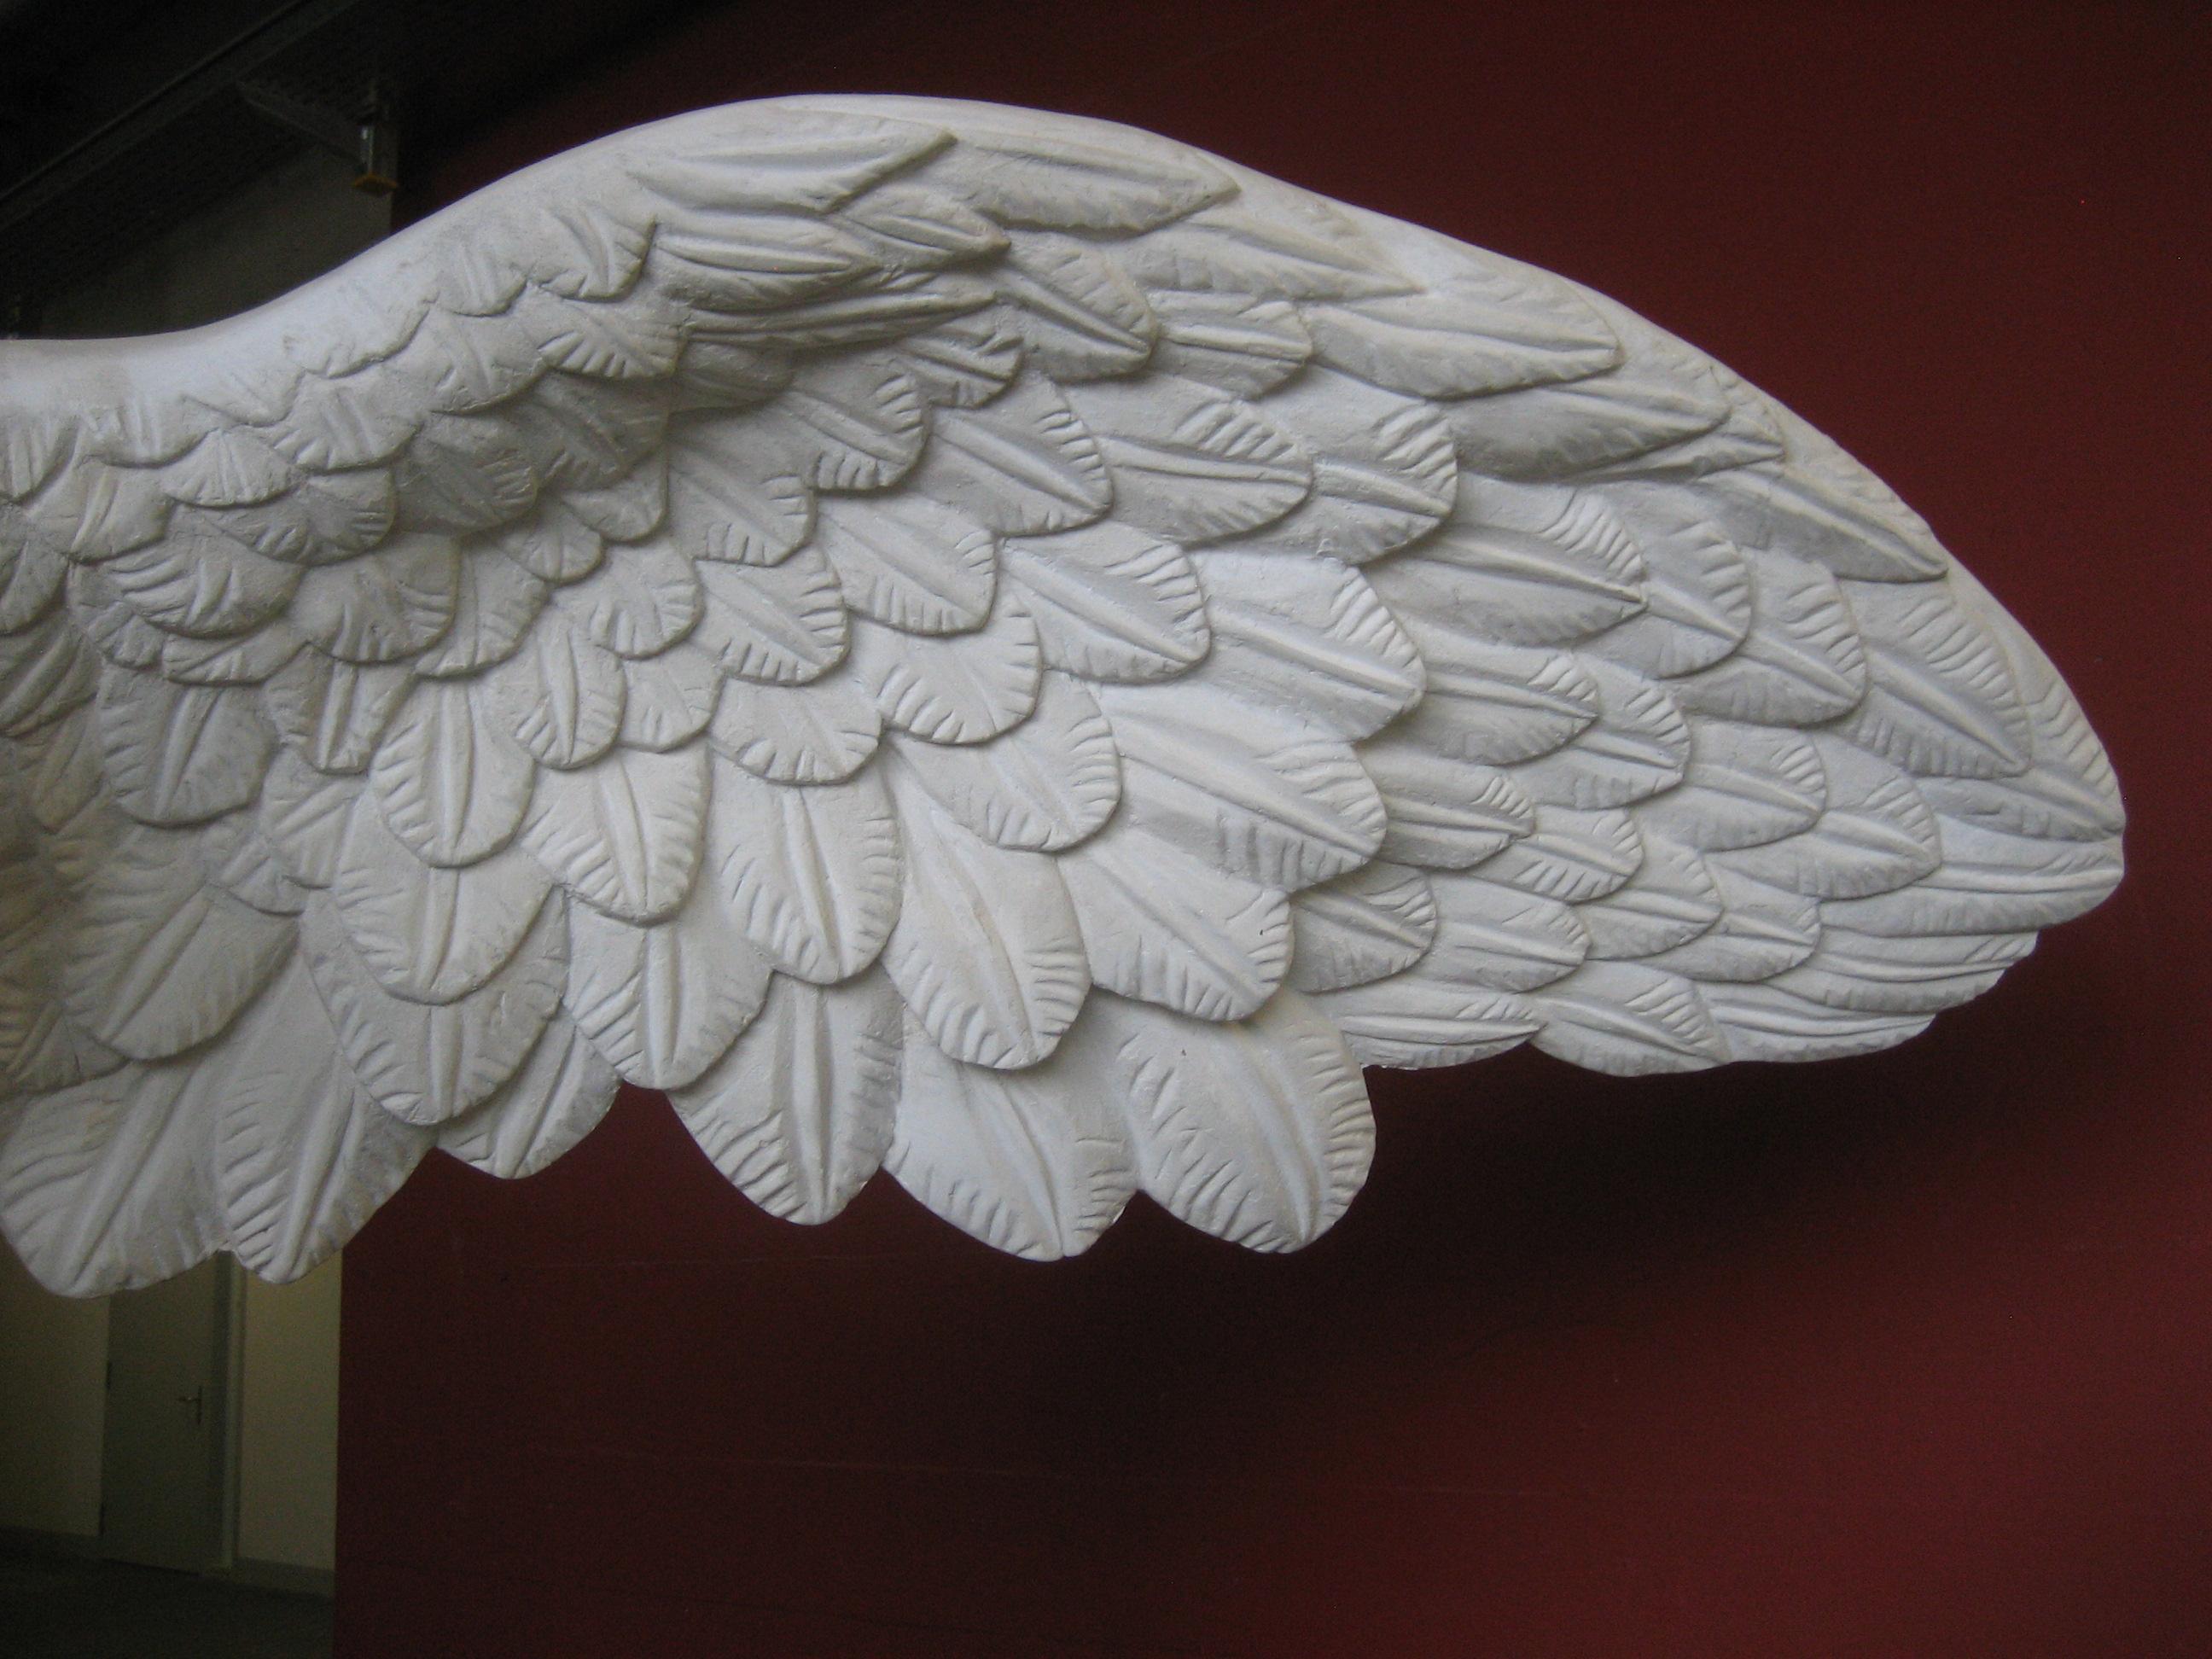 IMG_1566.JPG, NIke Flügel